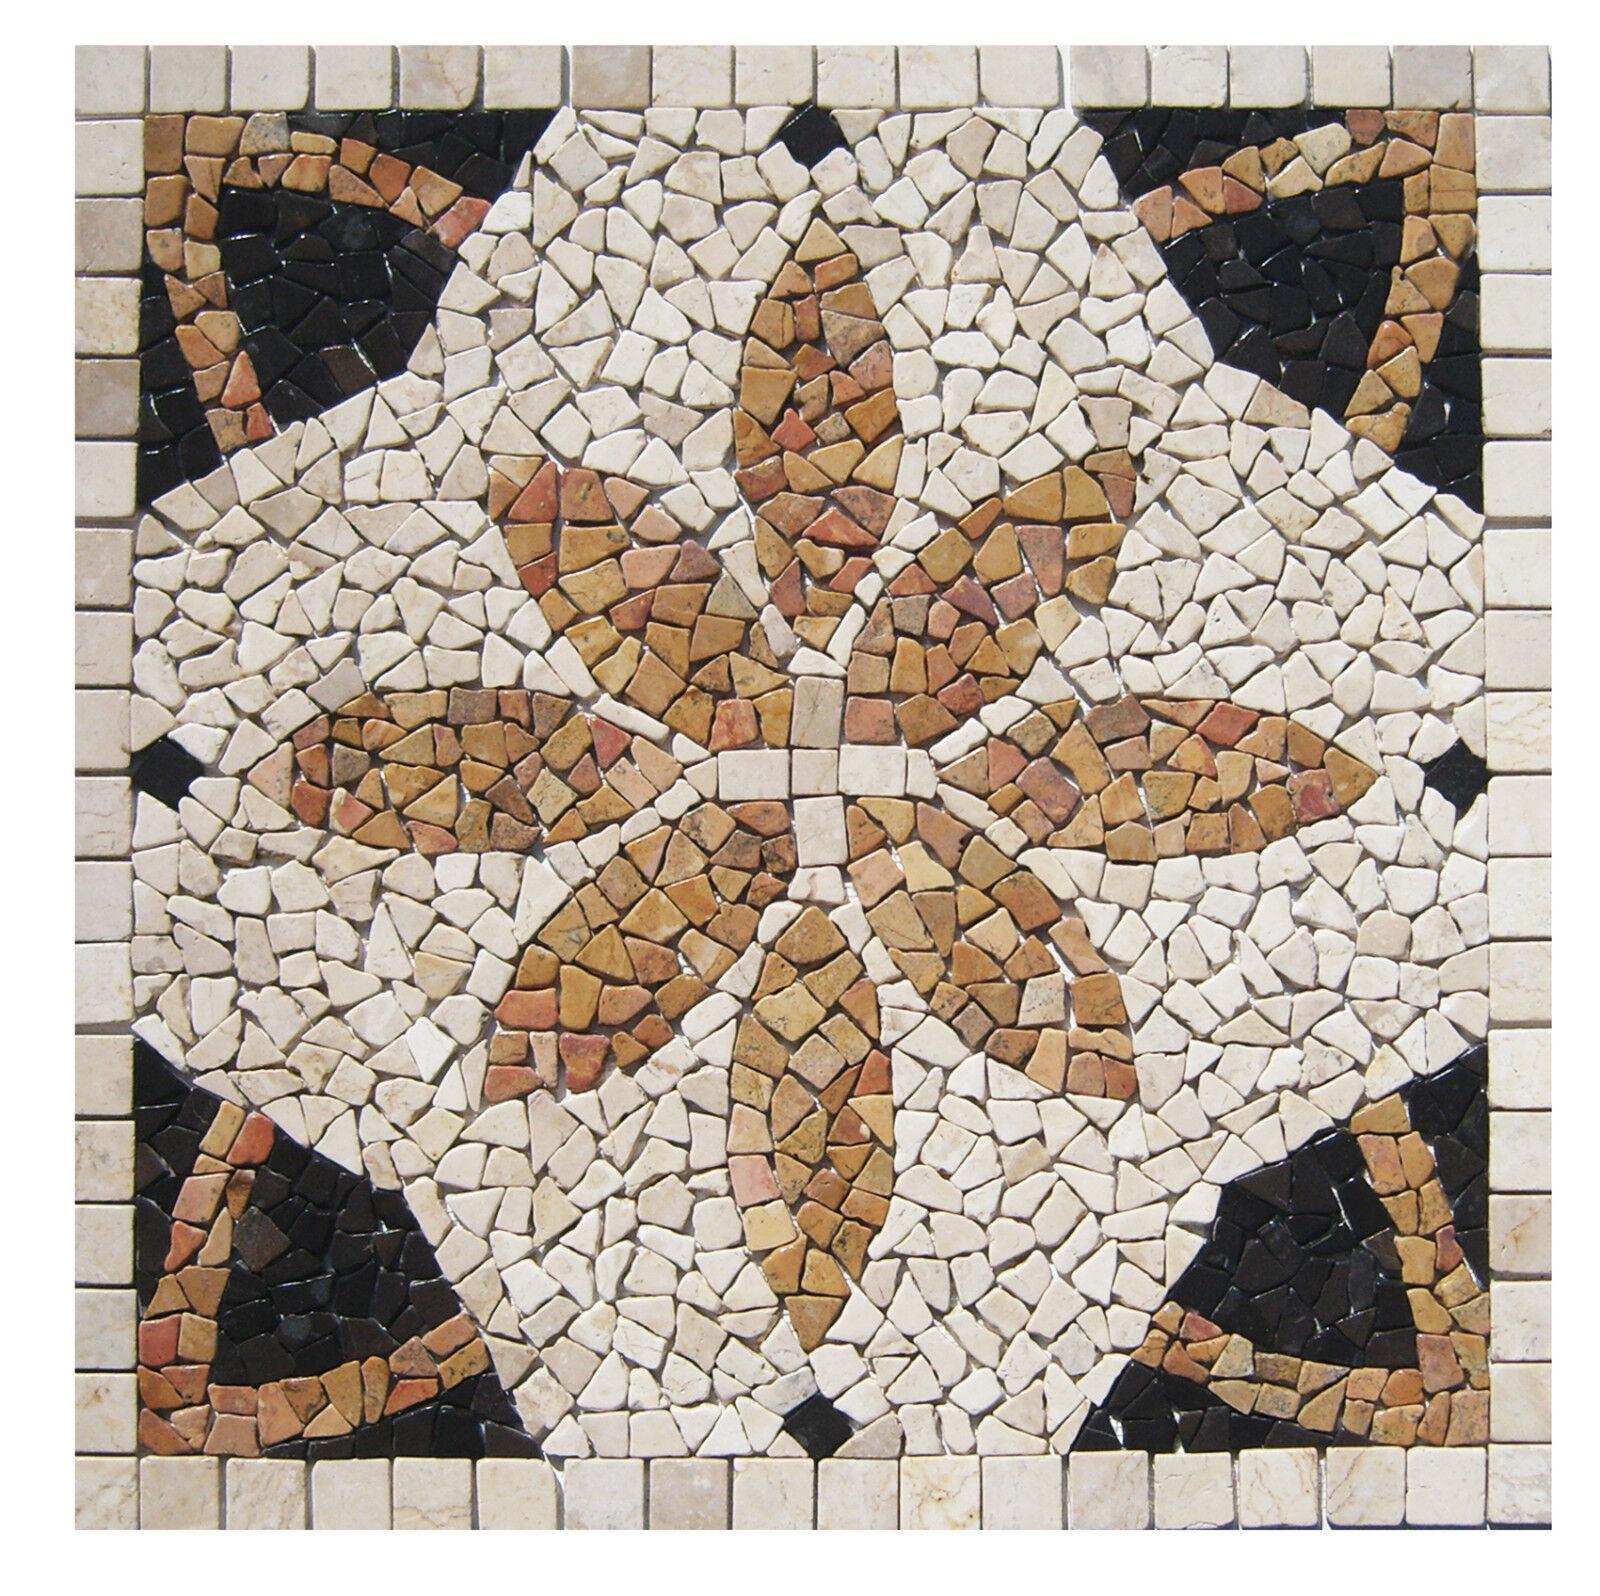 1 Marmor Mosaik Bild RO-005 - 90x90 cm Rosone - Mosaikfliesen Lager Herne NRW